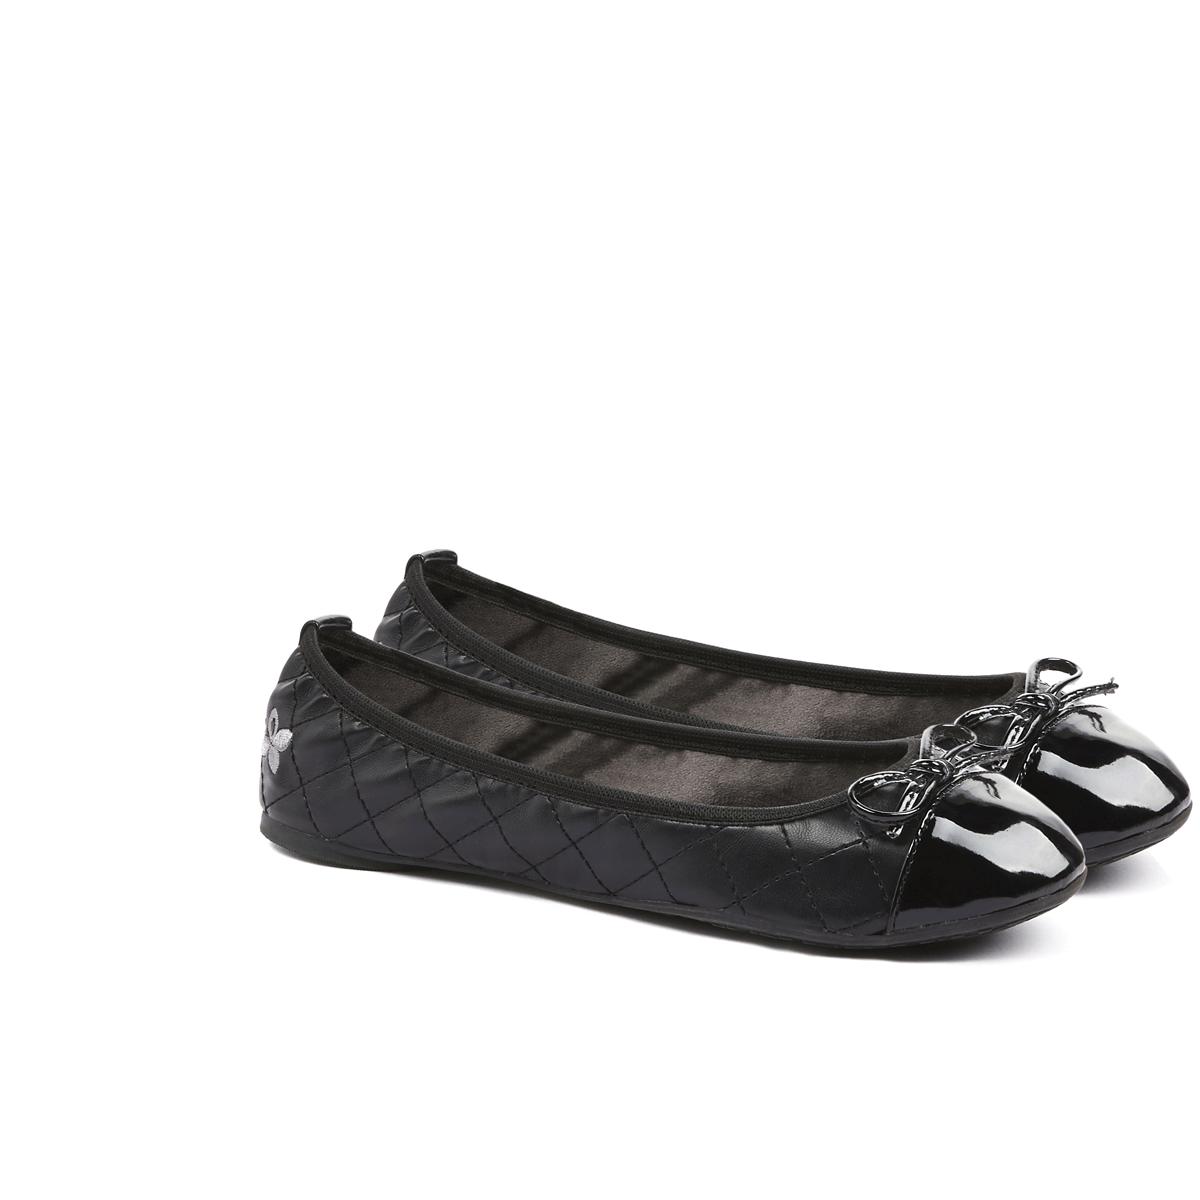 נעלי בובה בצבע שחור לנשים